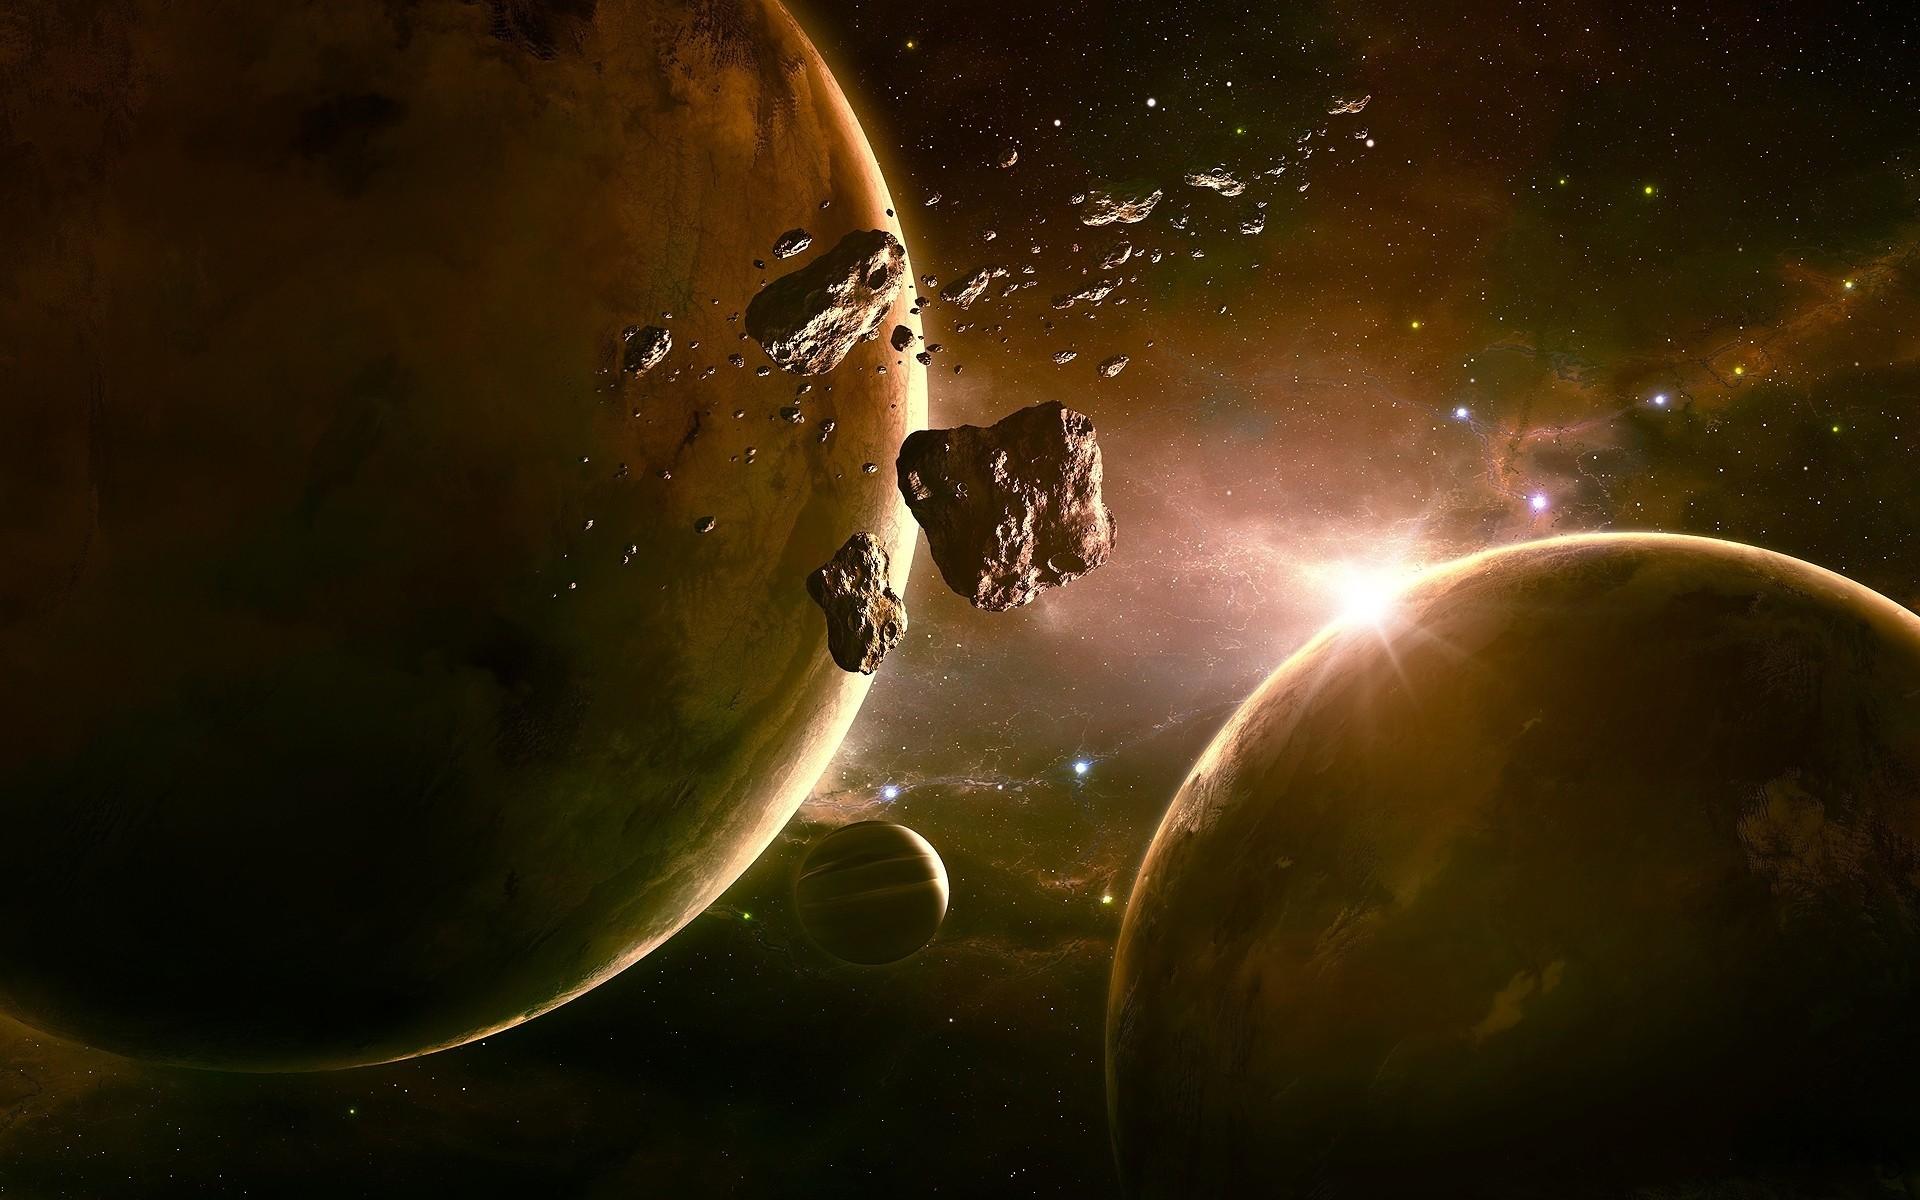 Обои космос планетыпр картинки на рабочий стол на тему Космос - скачать загрузить